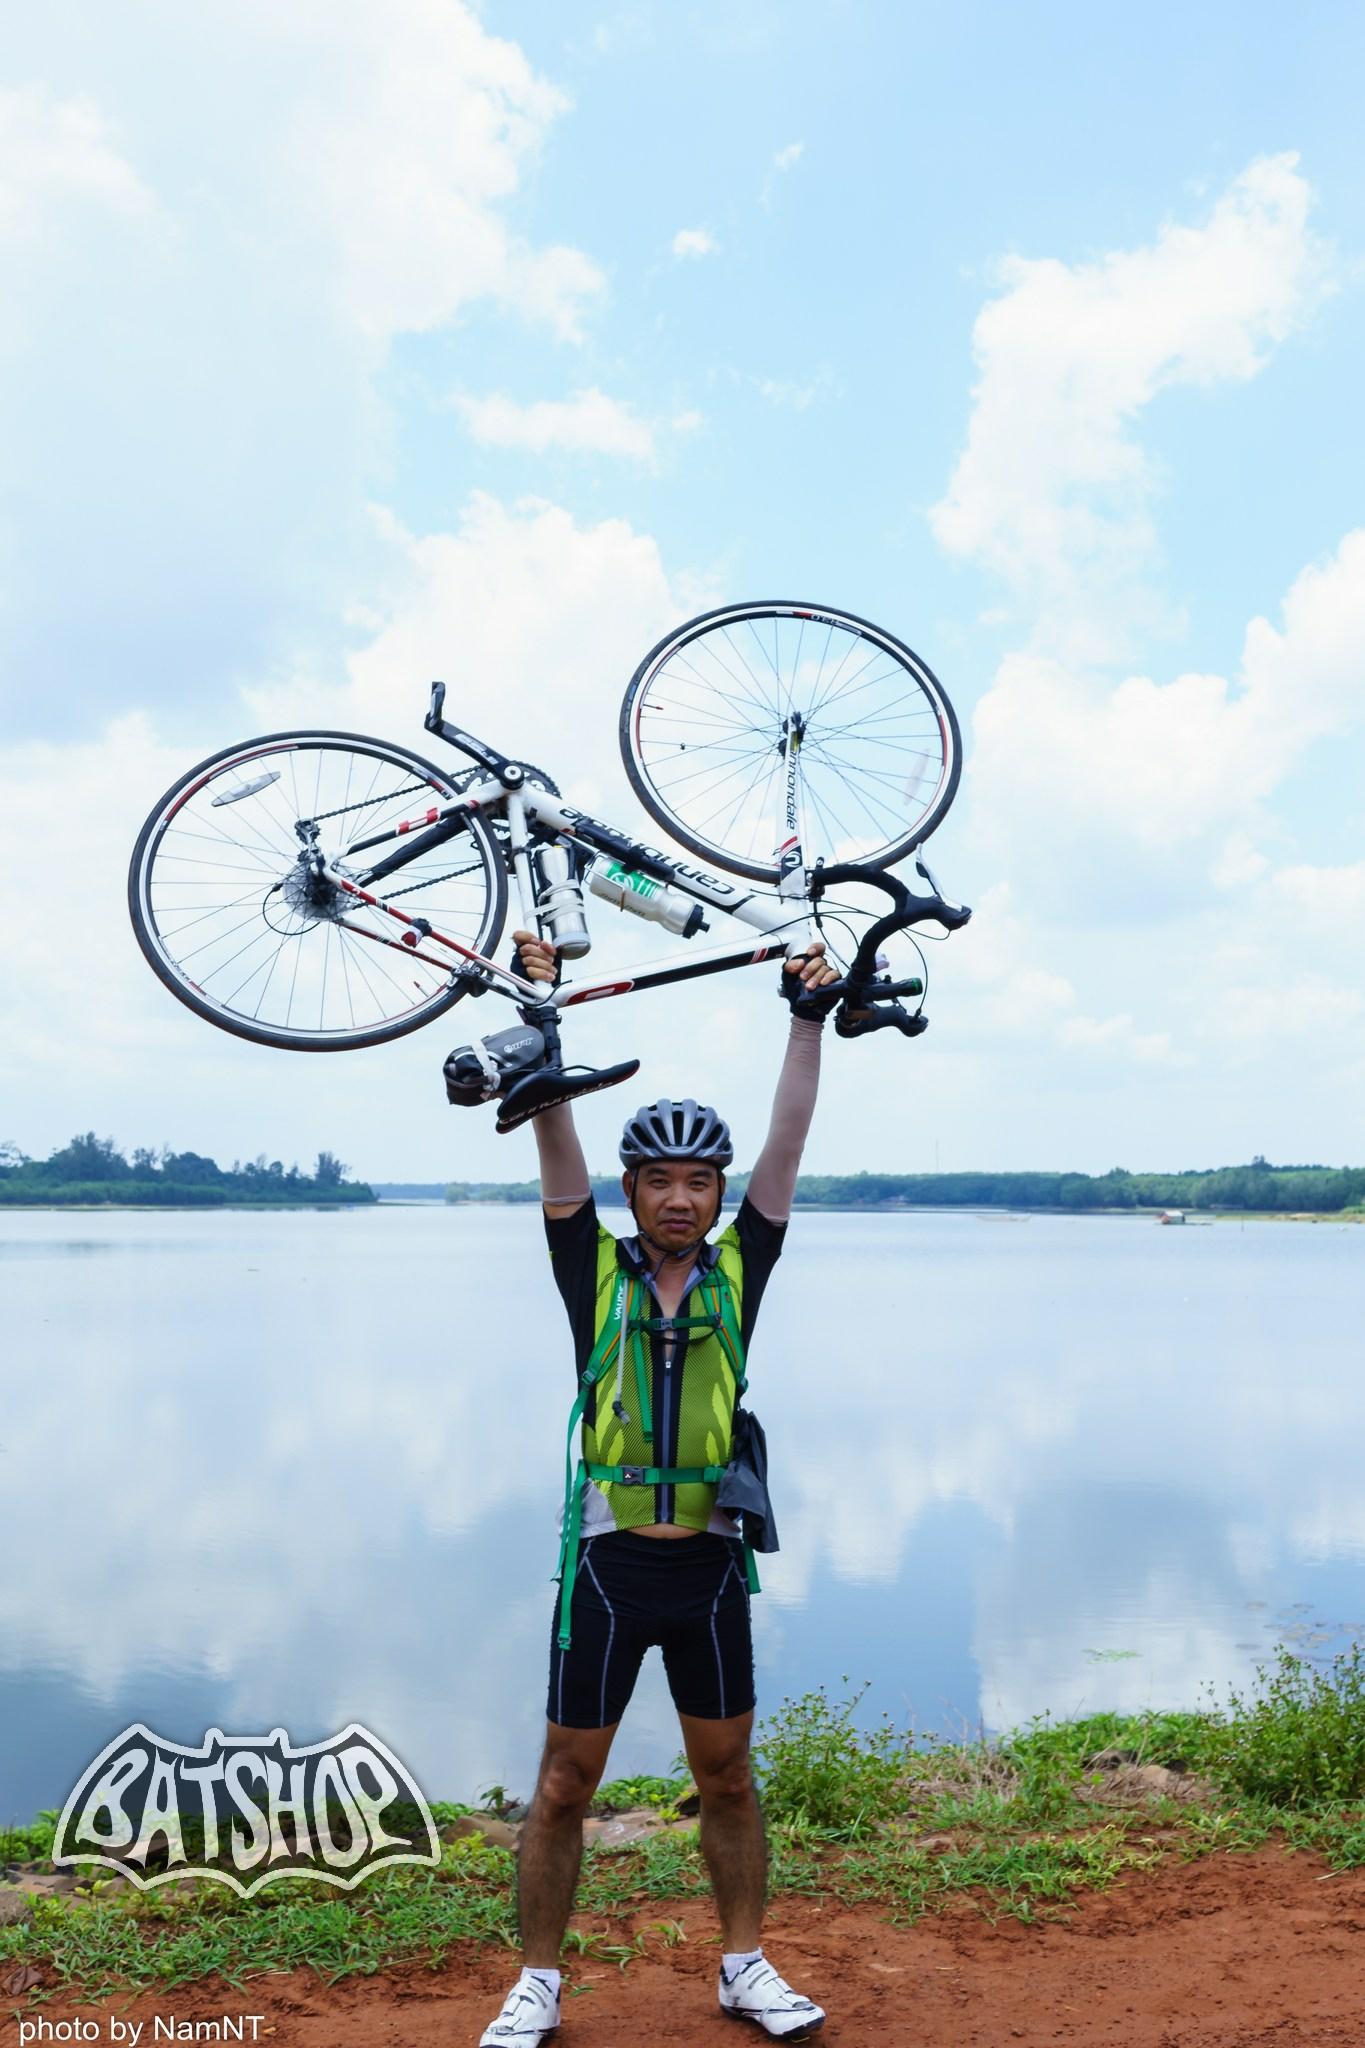 20653819841 80143e43a3 k - Hồ Cần Nôm-Dầu Tiếng chuyến đạp xe, băng rừng, leo núi, tắm hồ, mần gà